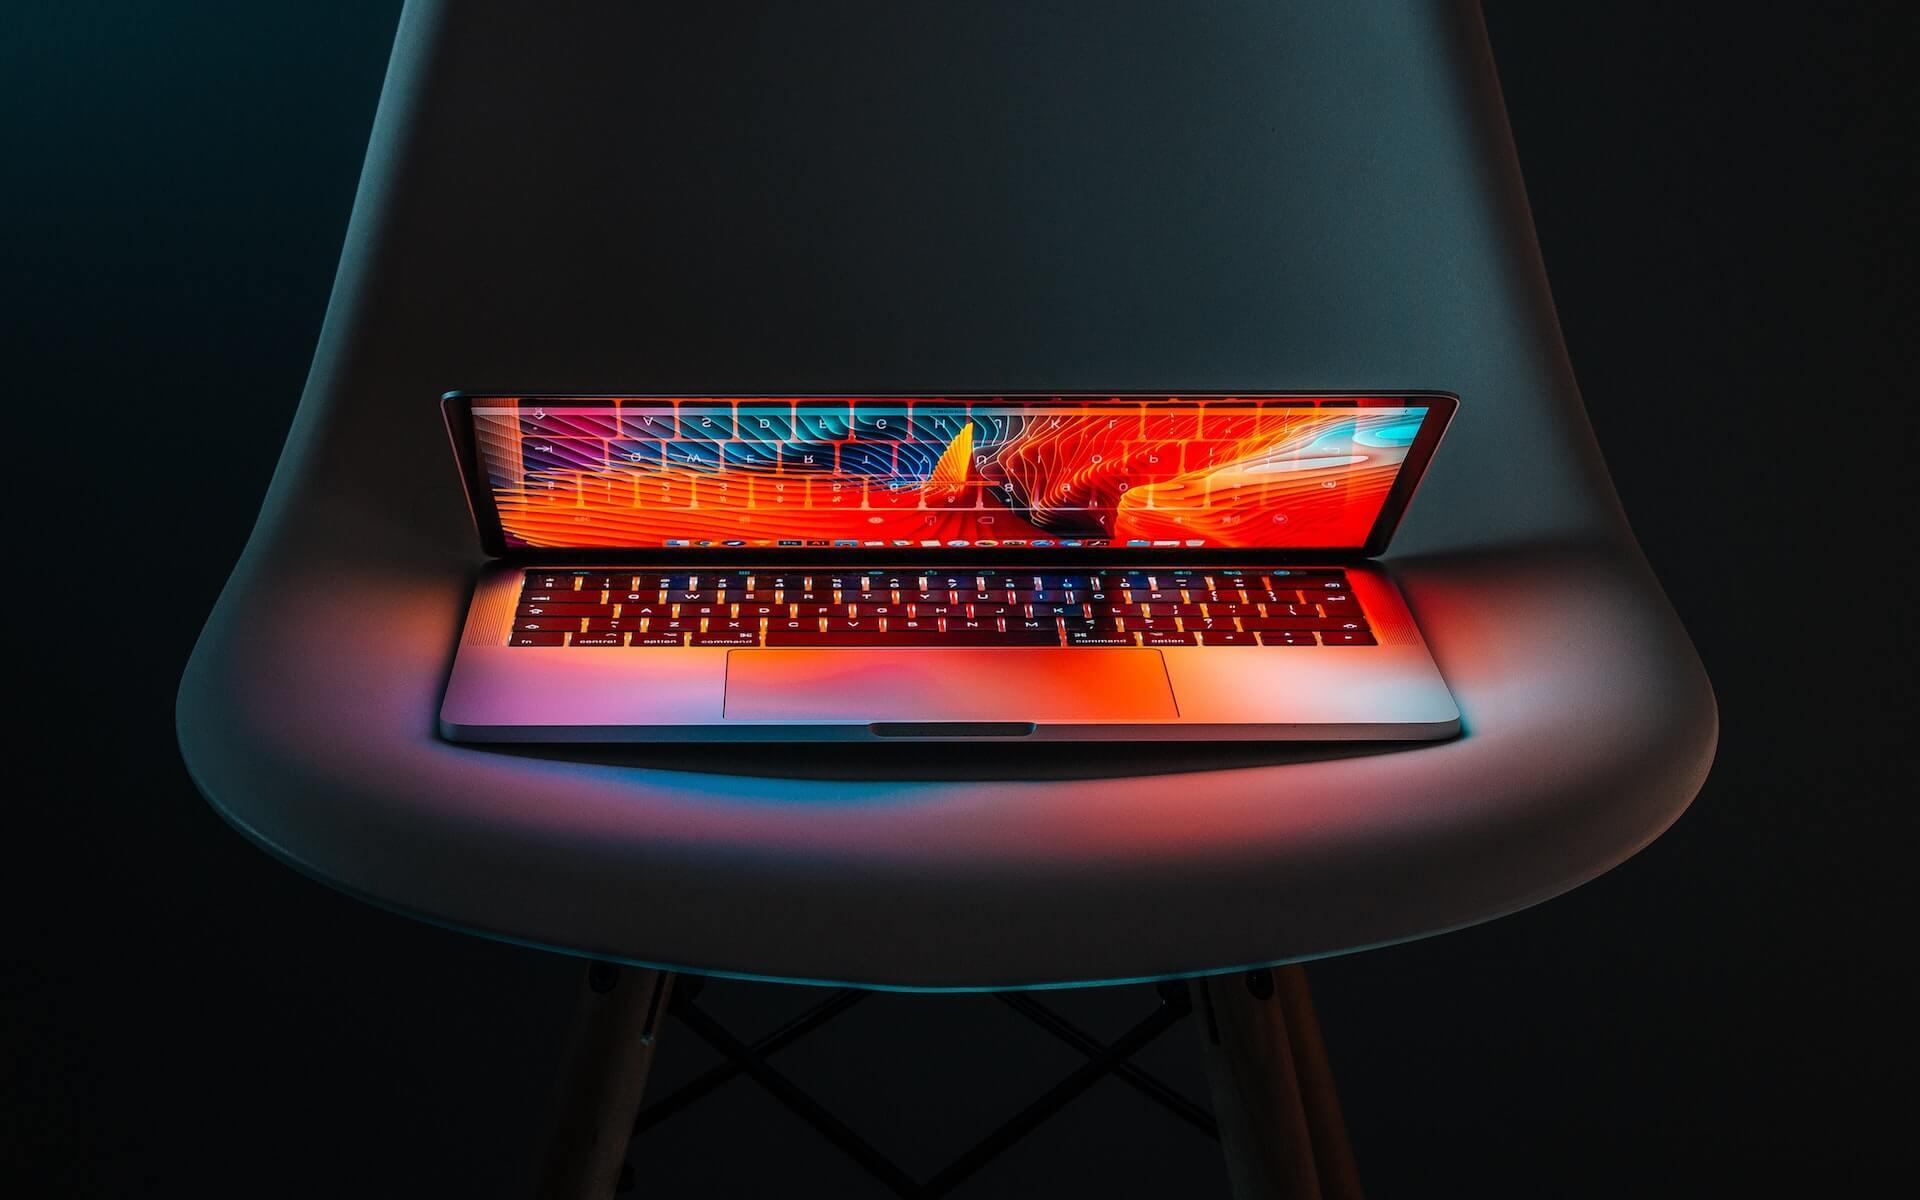 12インチMacBookがARMを搭載して復活する?著名リーカーが示唆 tech200615_macbook_main